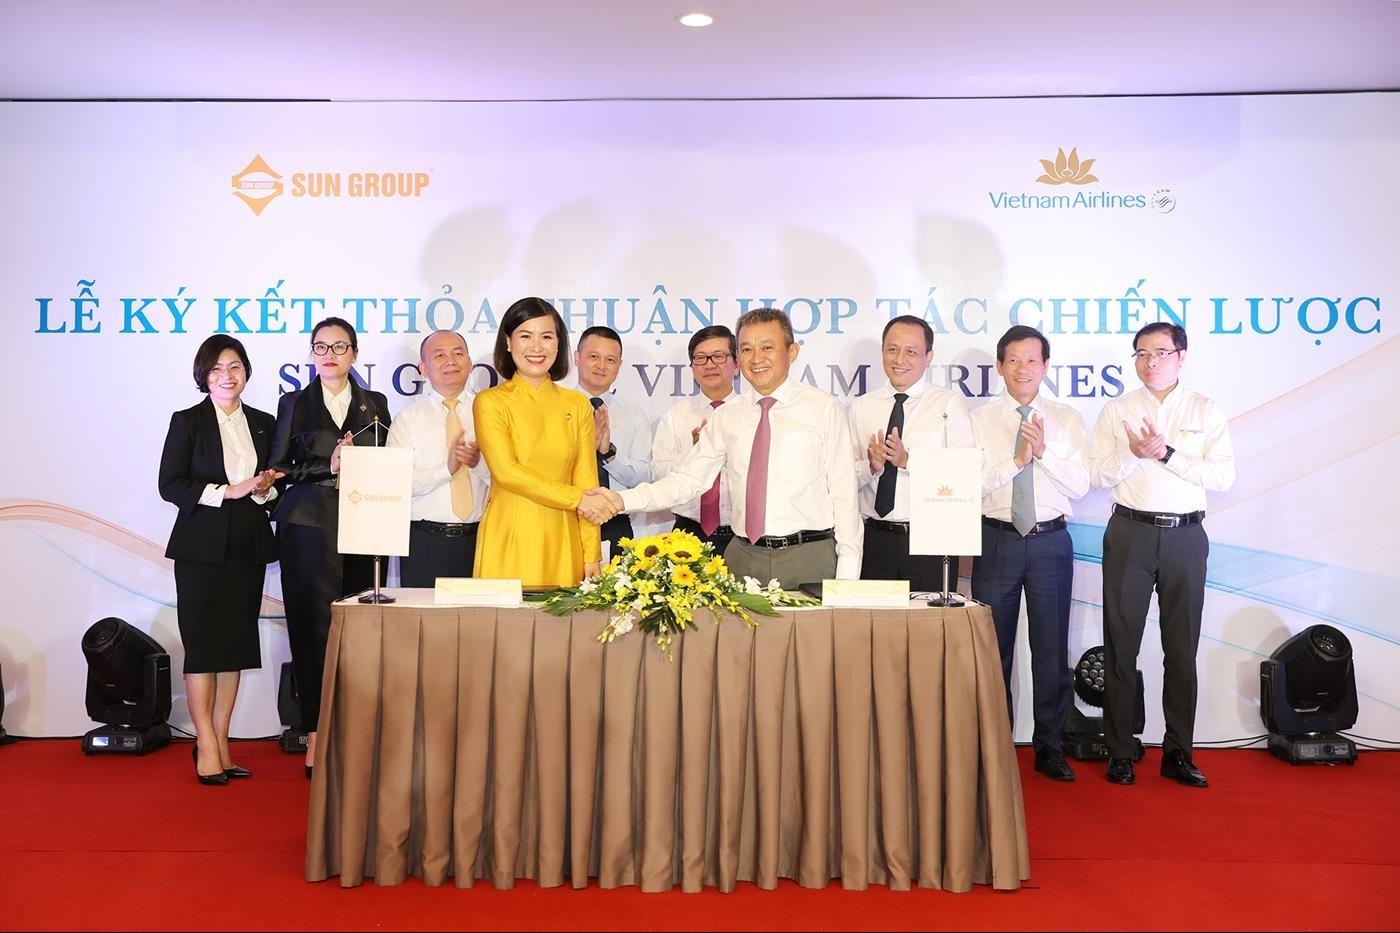 vietnam airlines va sun group ky ket thoa thuan hop tac chien luoc